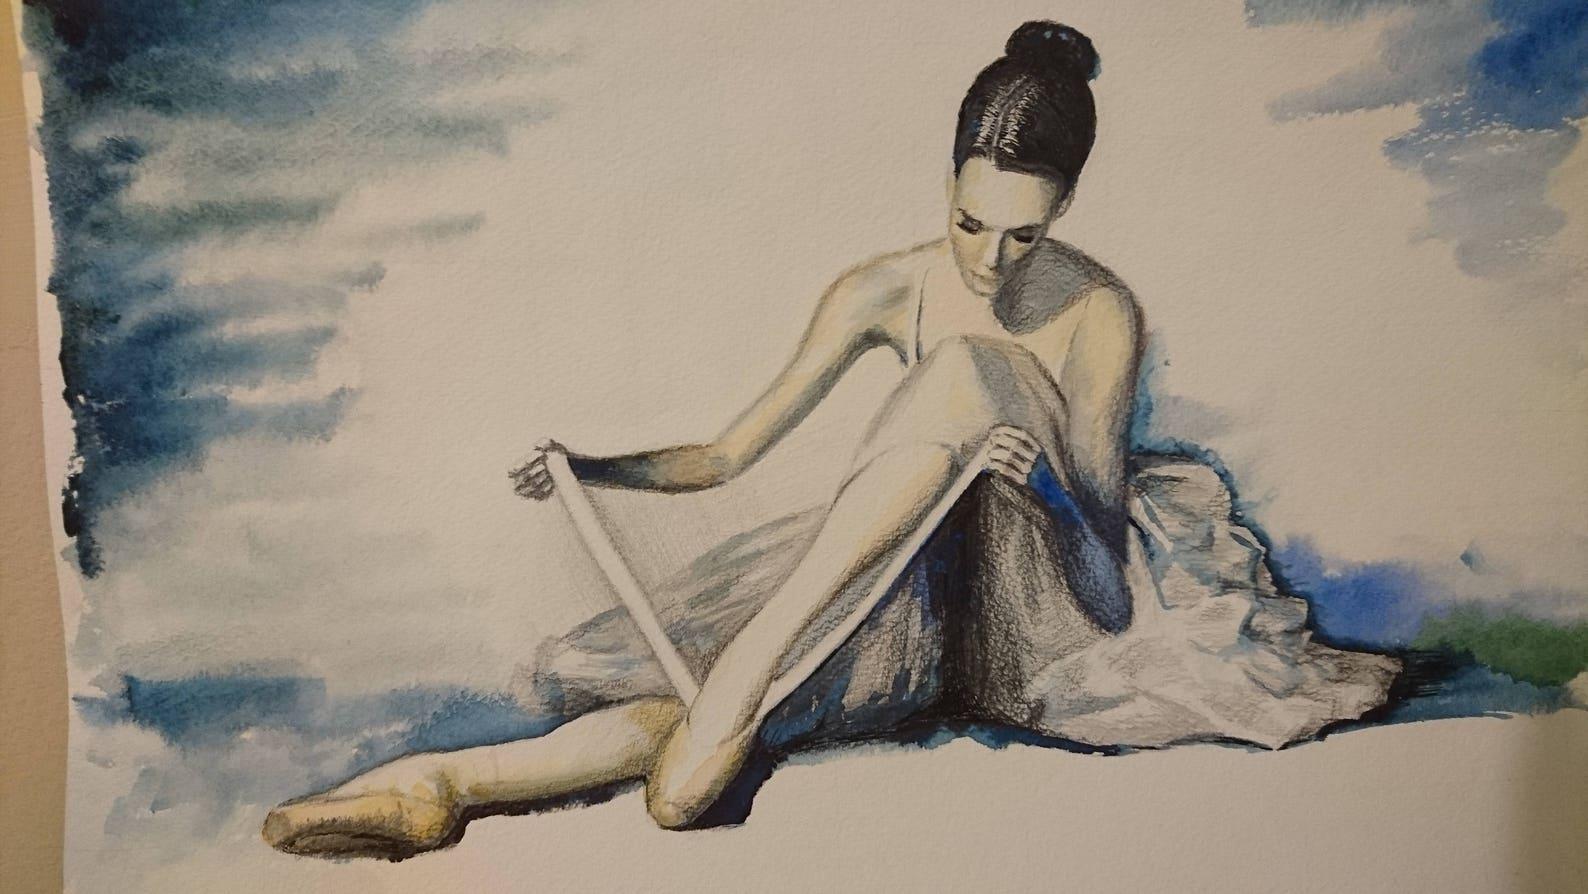 ballet dancer + perfect shoes +show light, a3, watercolour, contemporary, fine art littlecl@mail.ru